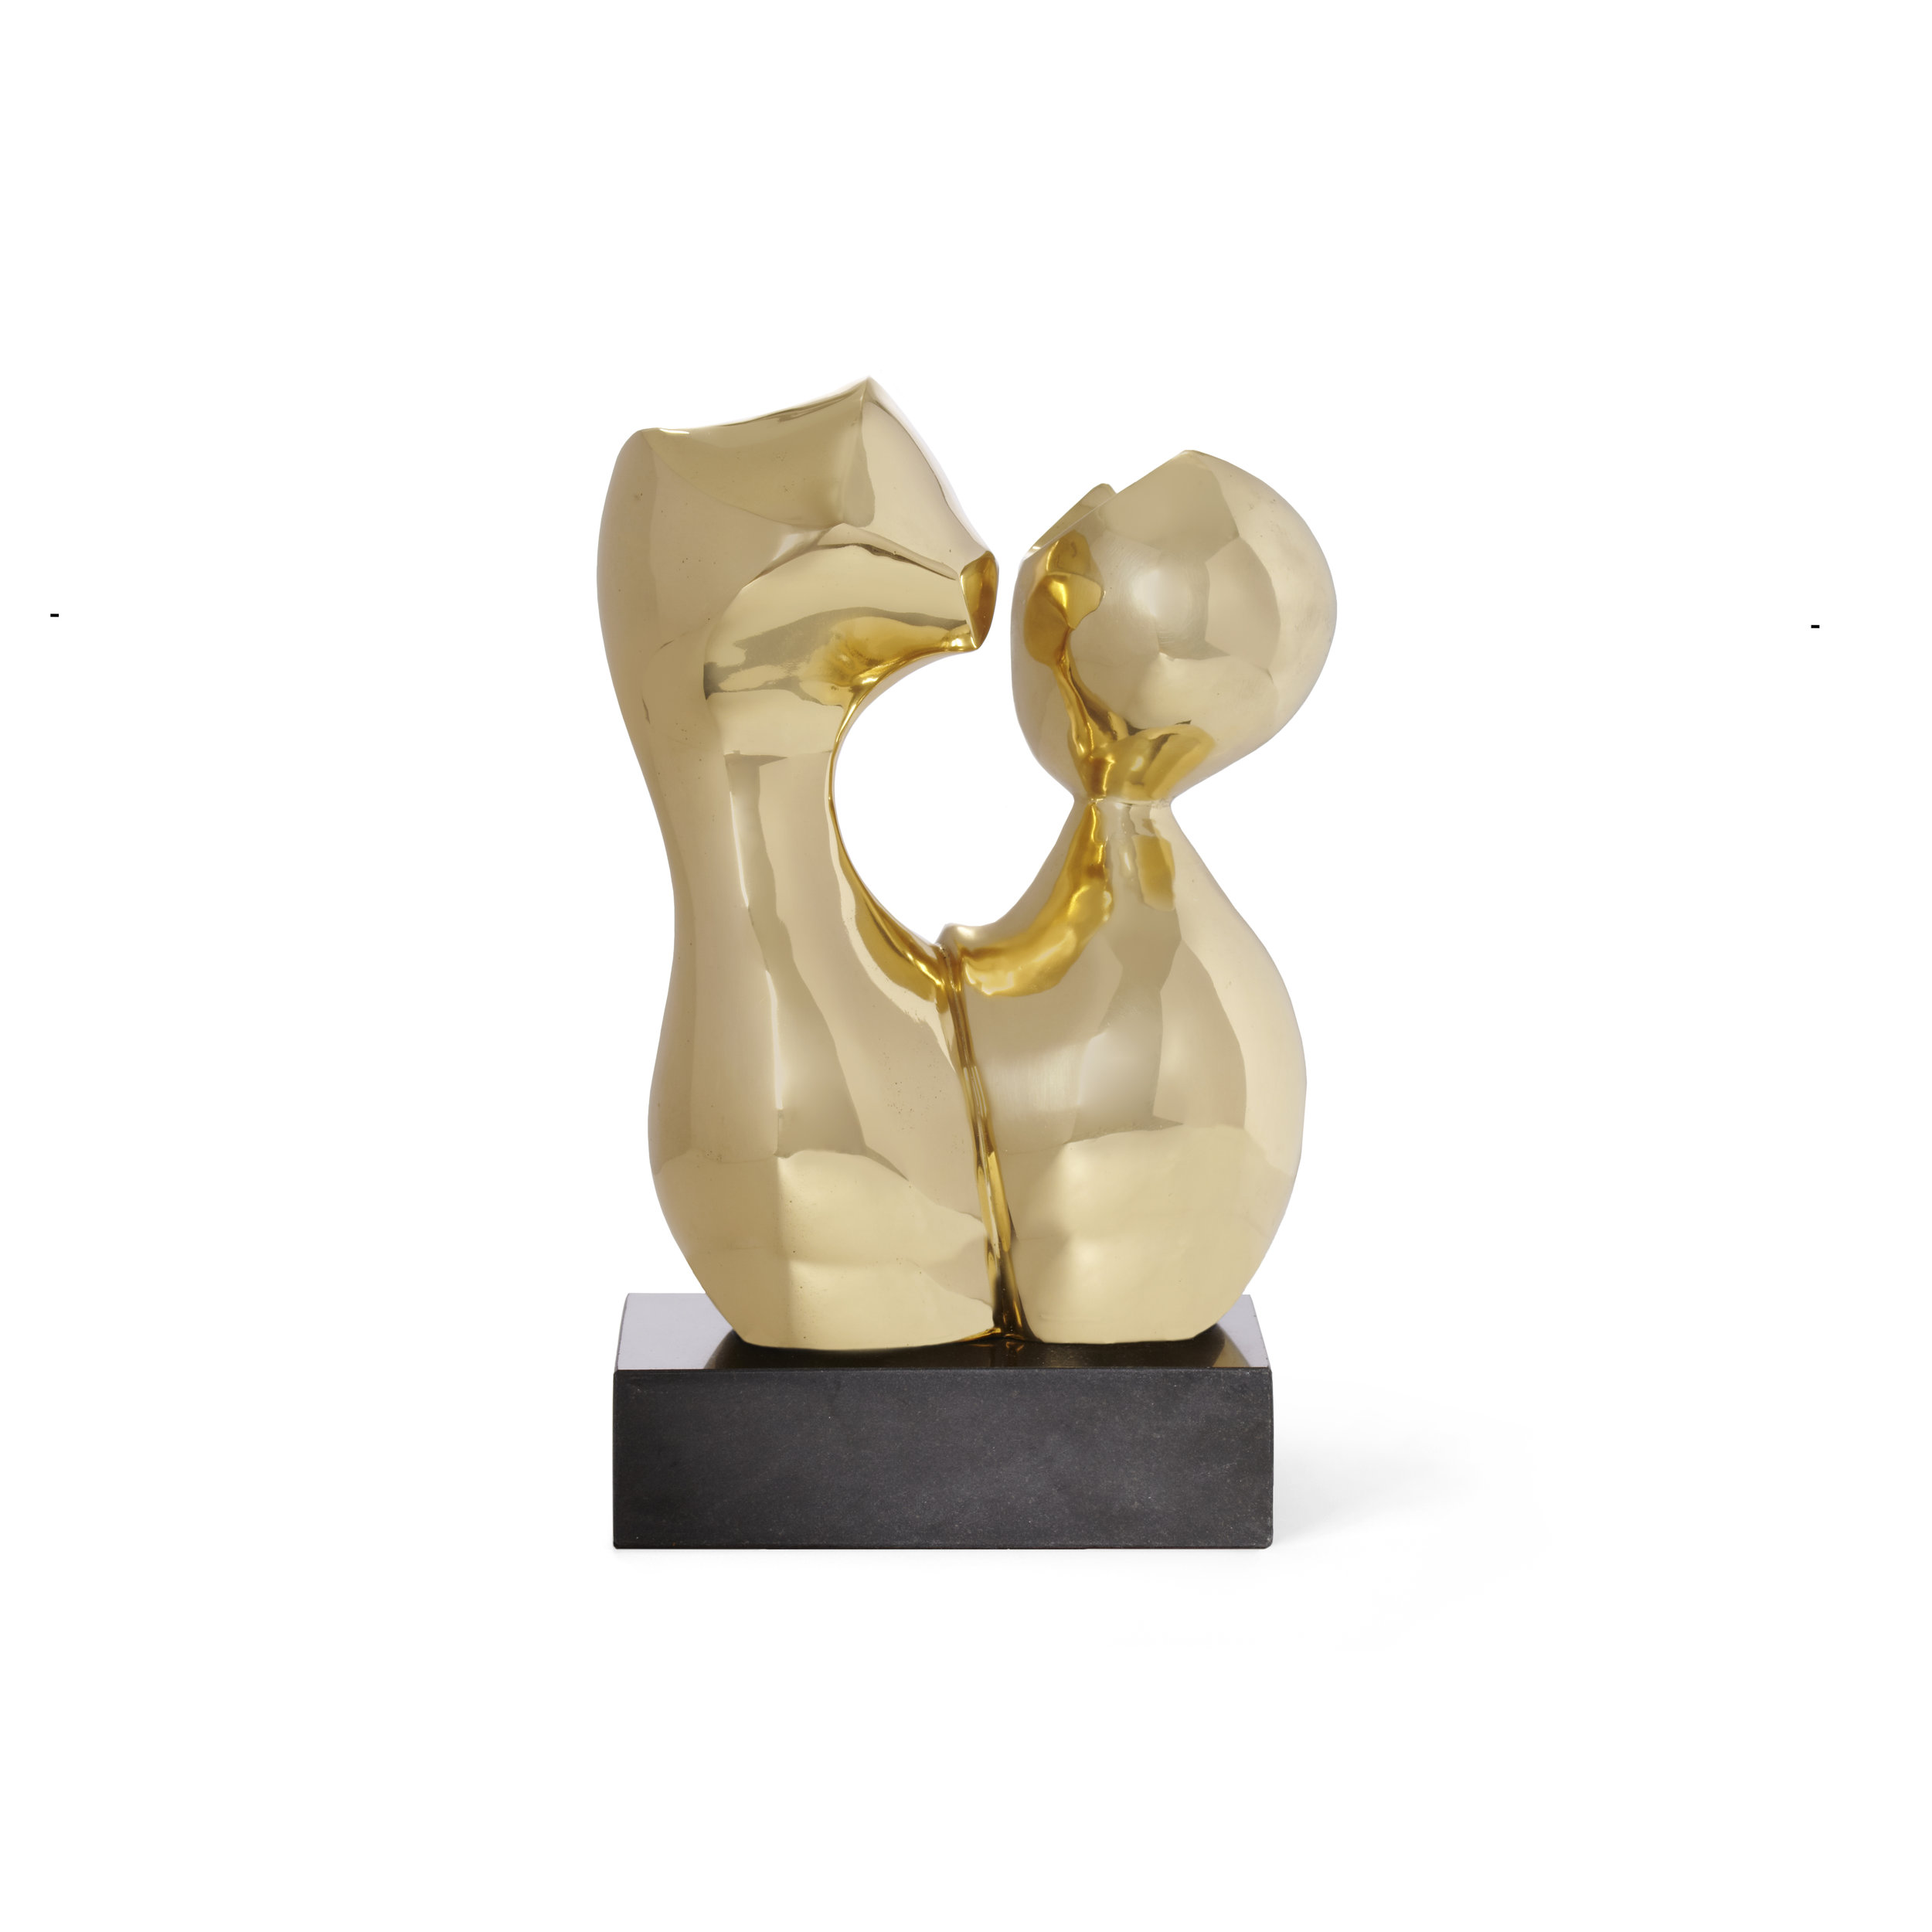 BregenzSculpture_Gold_23094528001_FW15.jpg